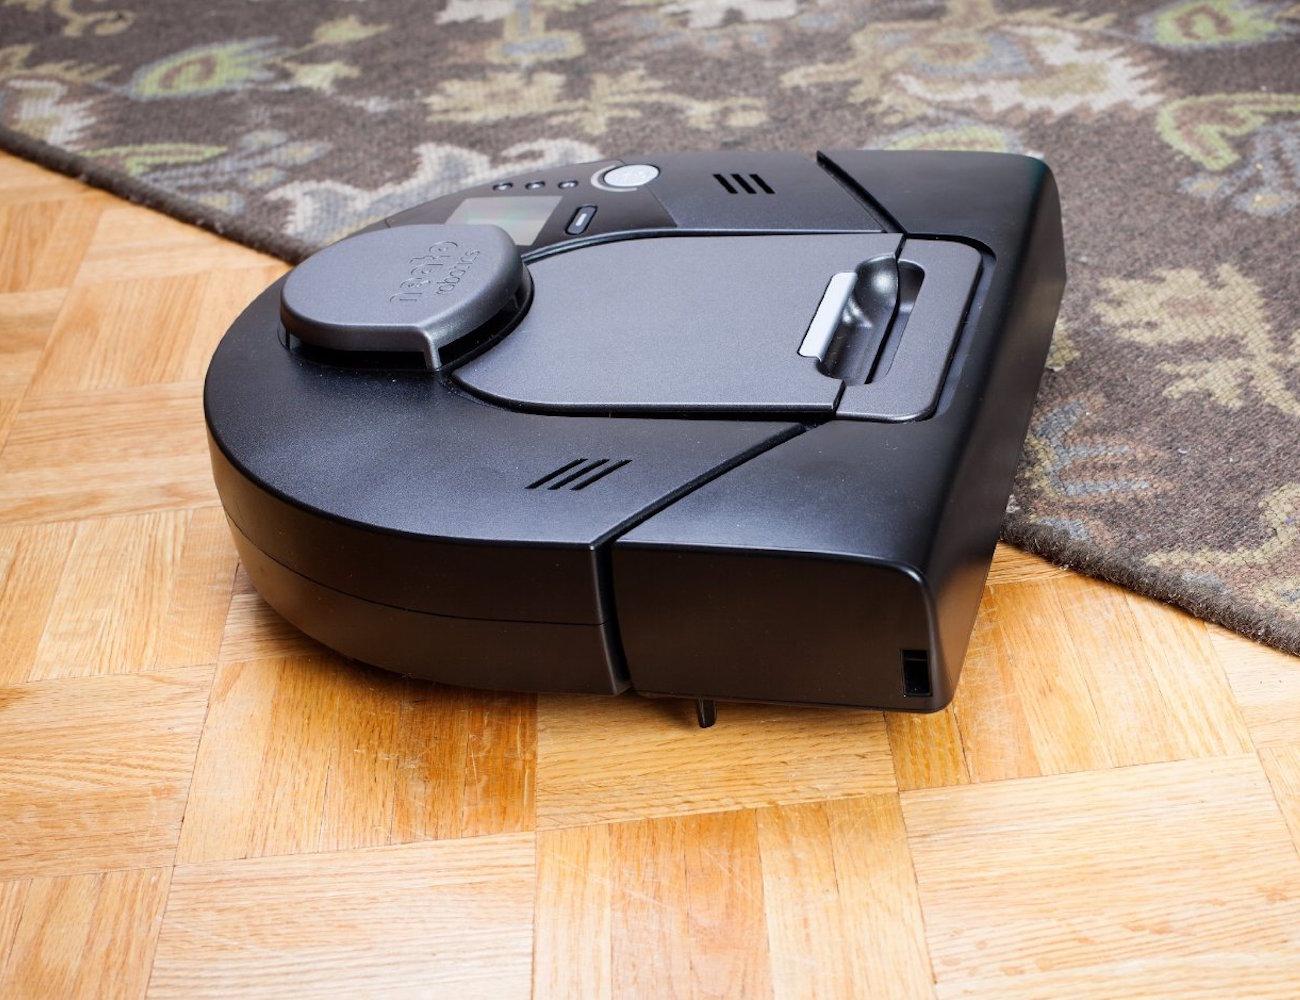 neato-xv-signature-pro-robot-vacuum-cleaner-02